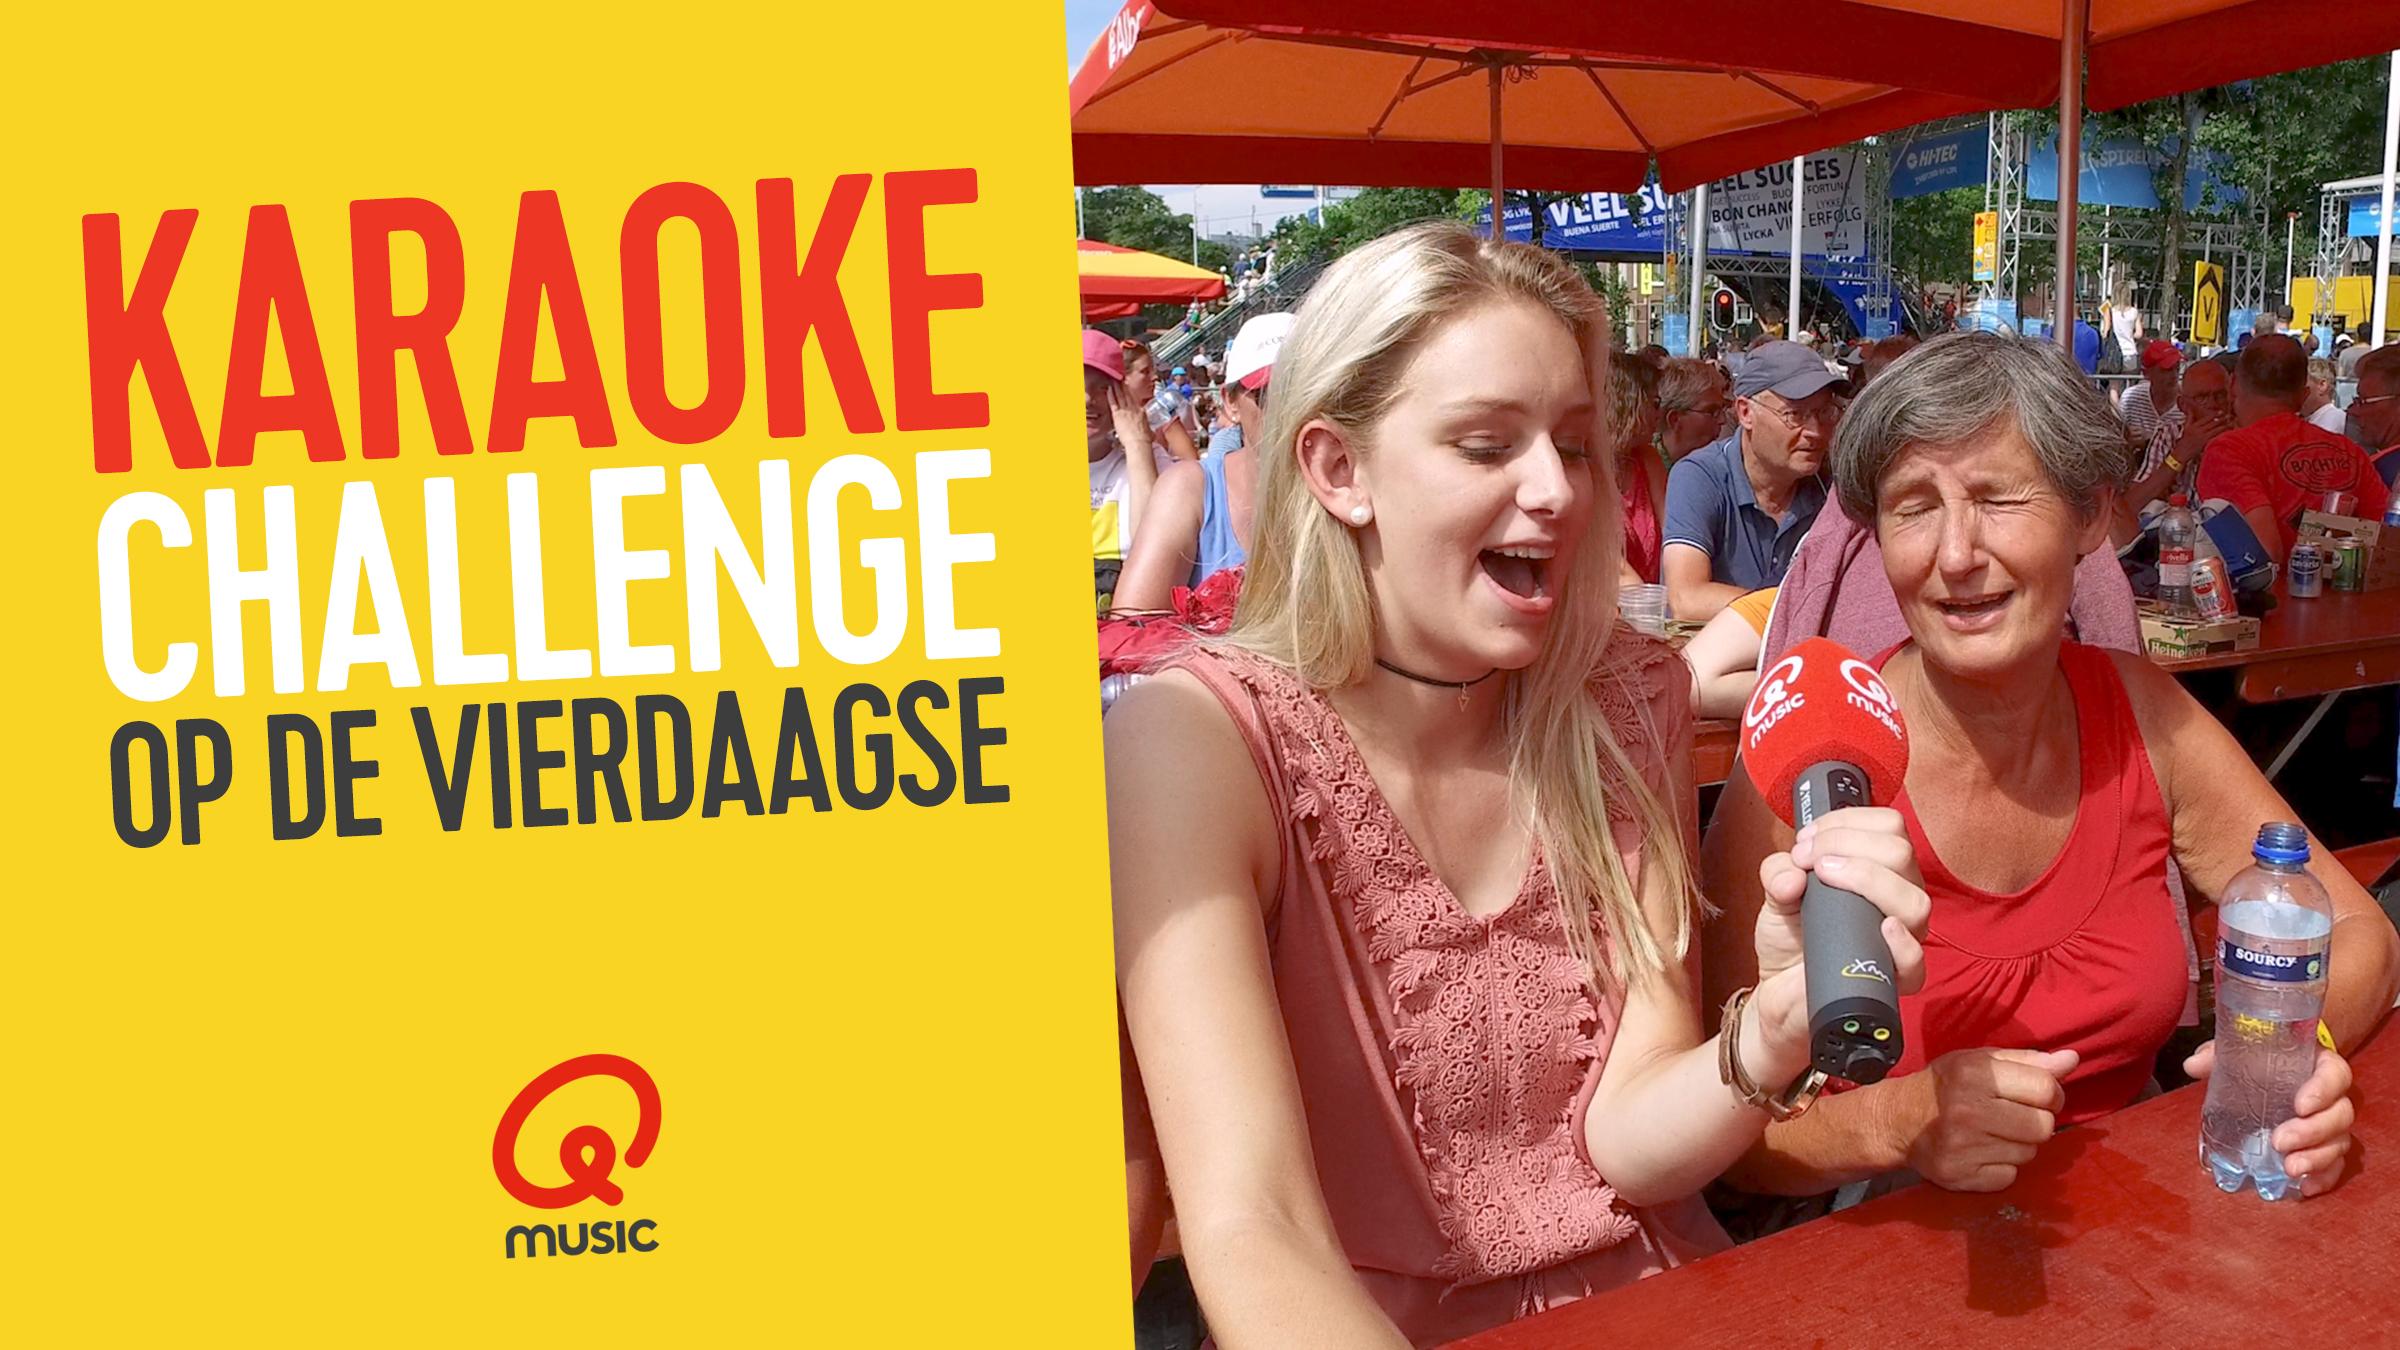 Karaoke vierdaagse   thumb